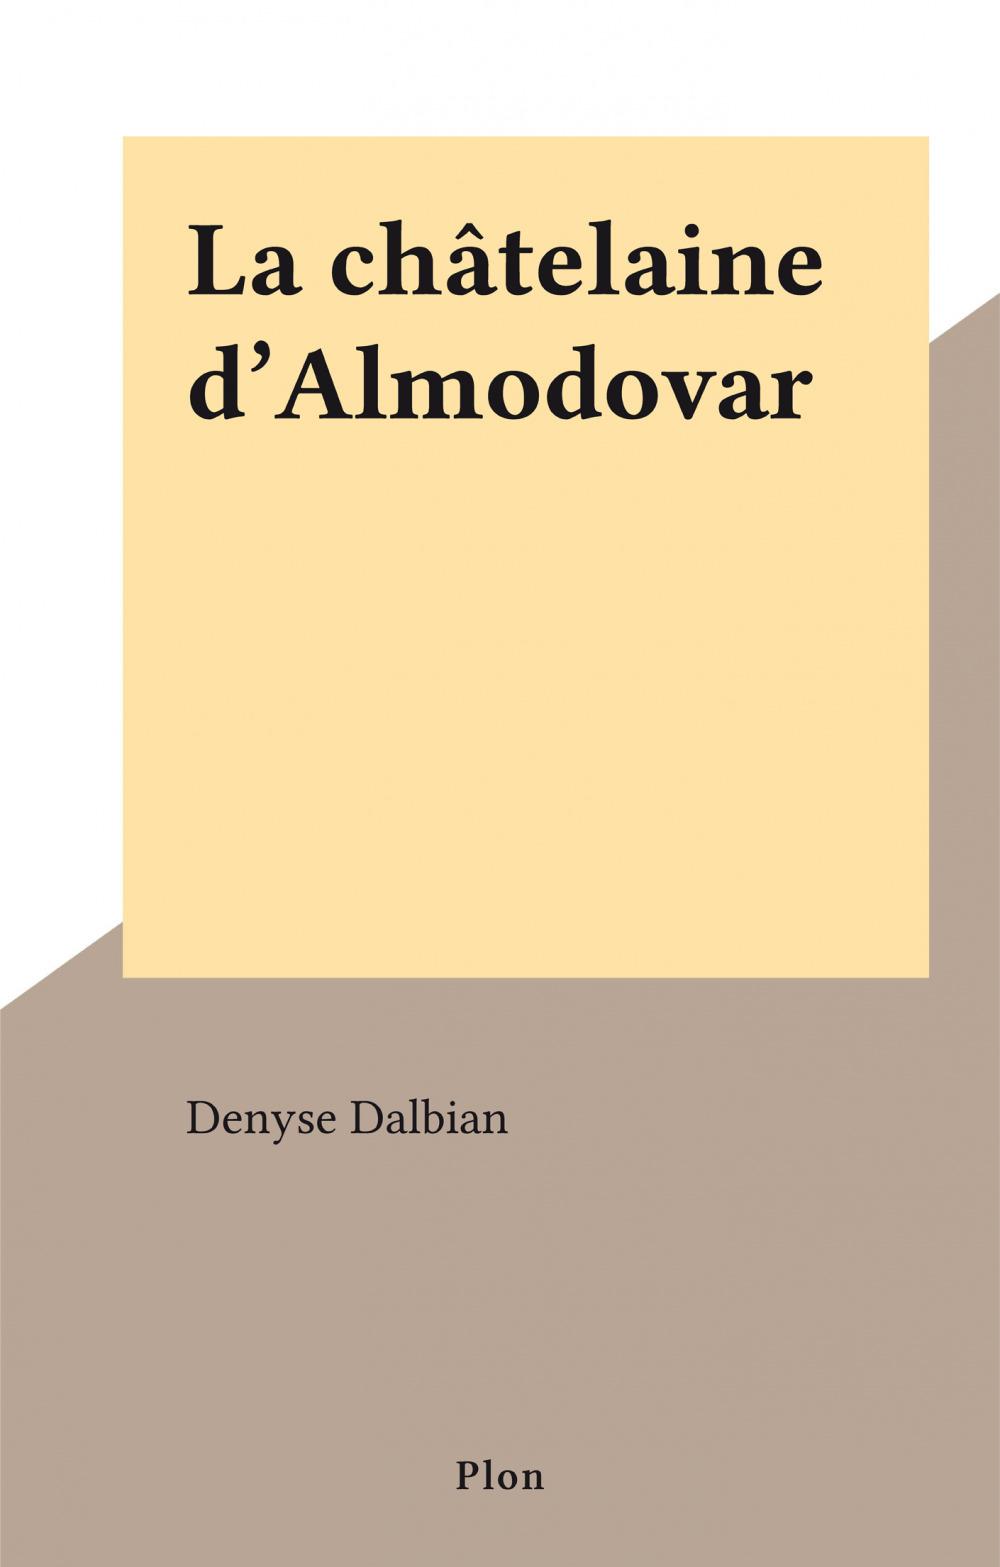 La châtelaine d'Almodovar